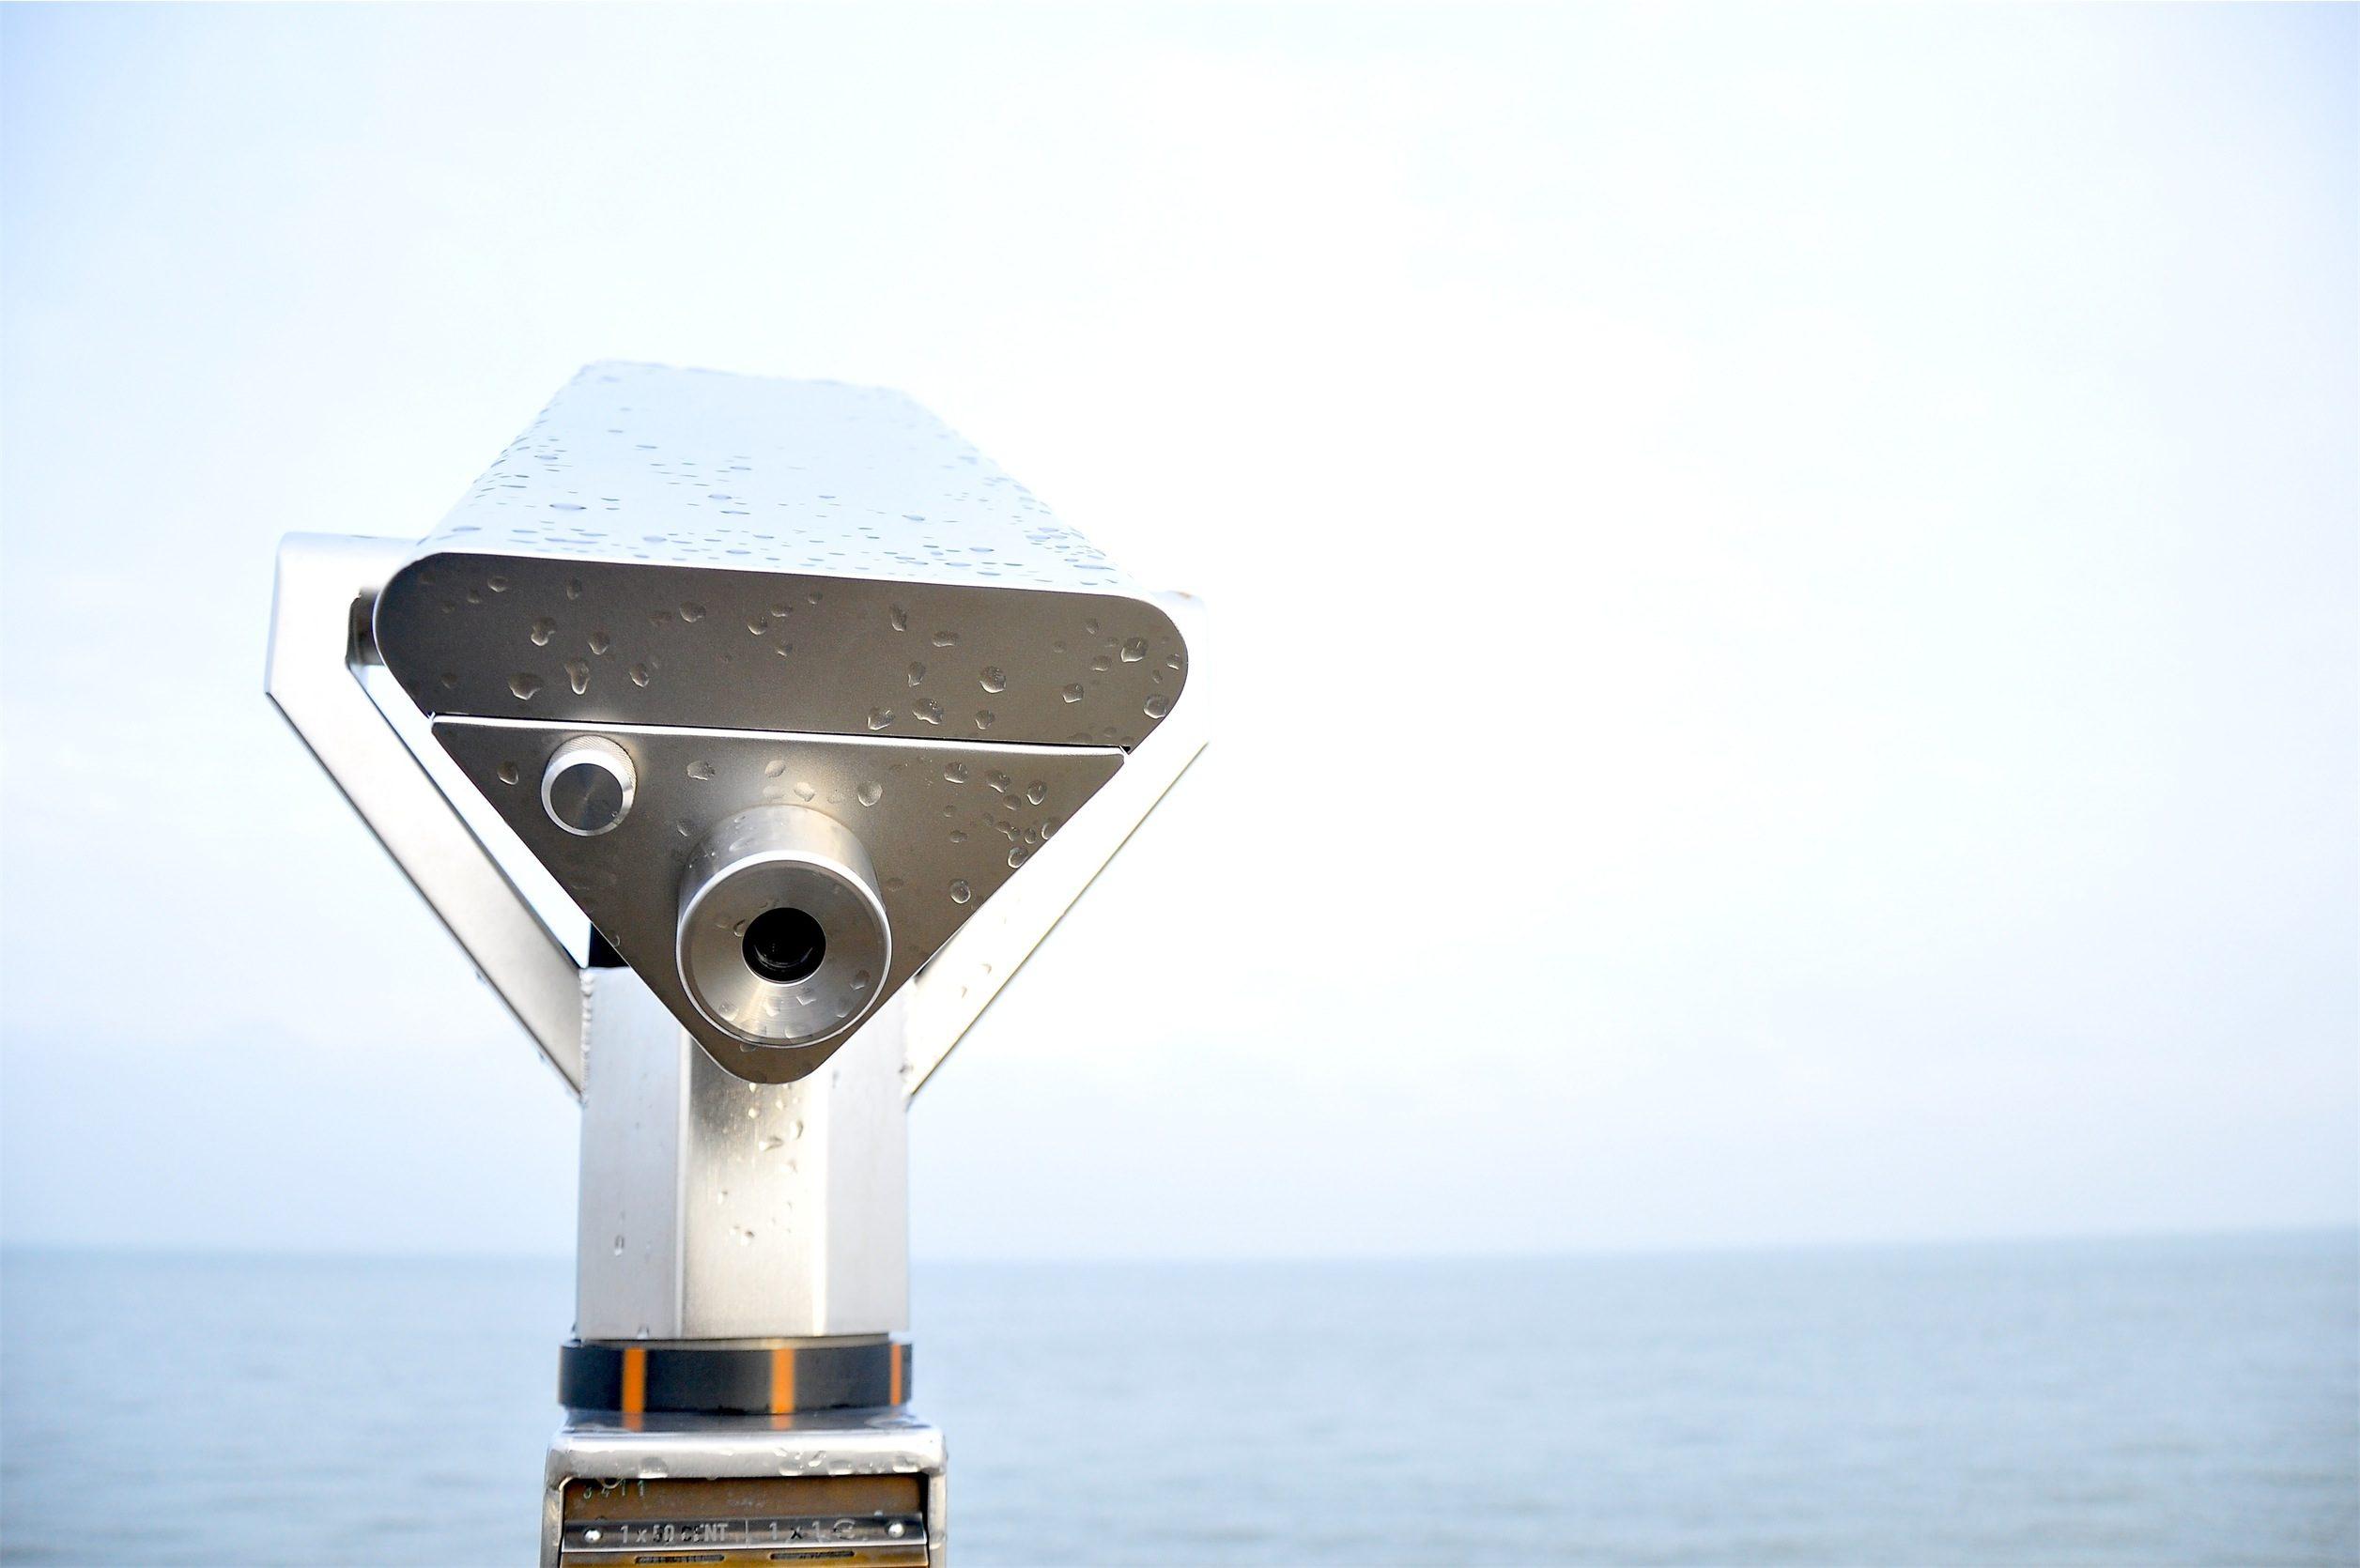 观点, 双筒望远镜, 景观, 海, 水 - 高清壁纸 - 教授-falken.com